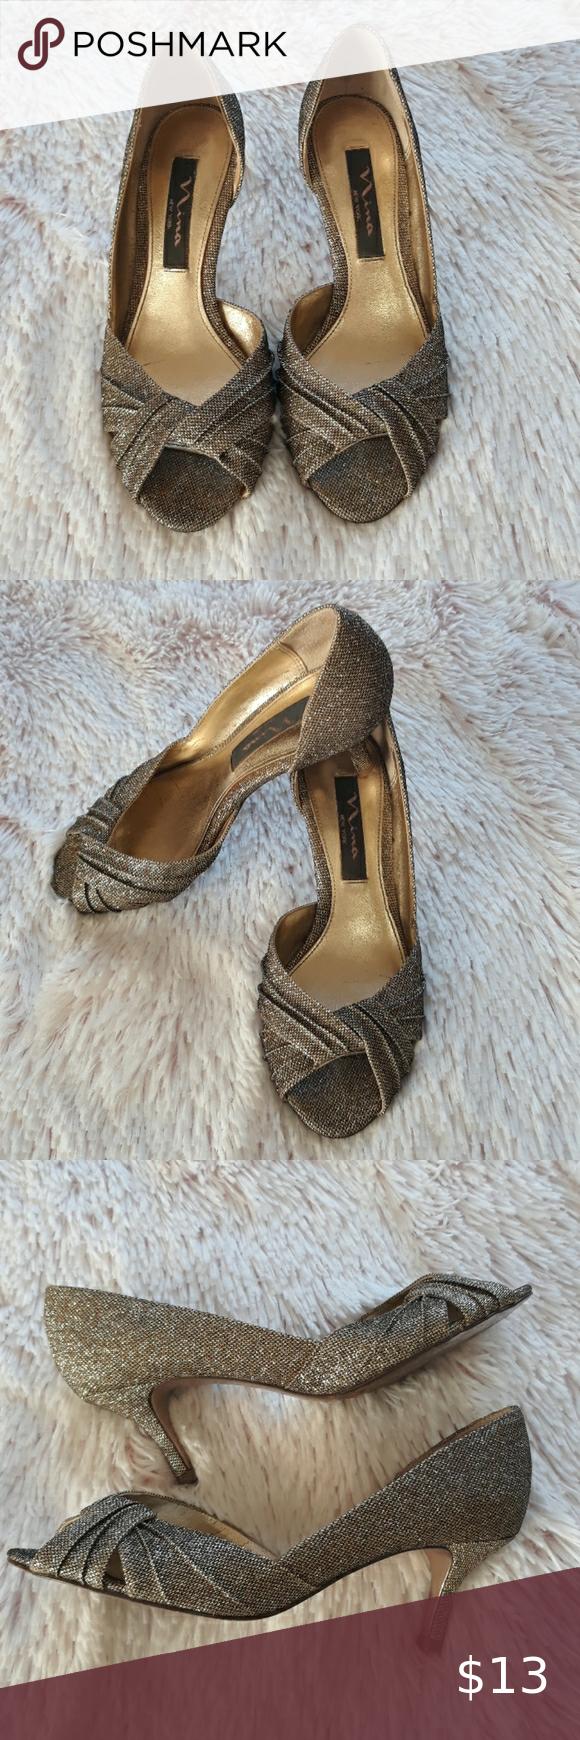 Sale Nina Shimmer Gold Heels Valentine S Day Sale Starts Today Found These Nina Shimmer Gold Peep Toe Kitten Heels In In 2020 Gold Heels Heels Shoes Women Heels